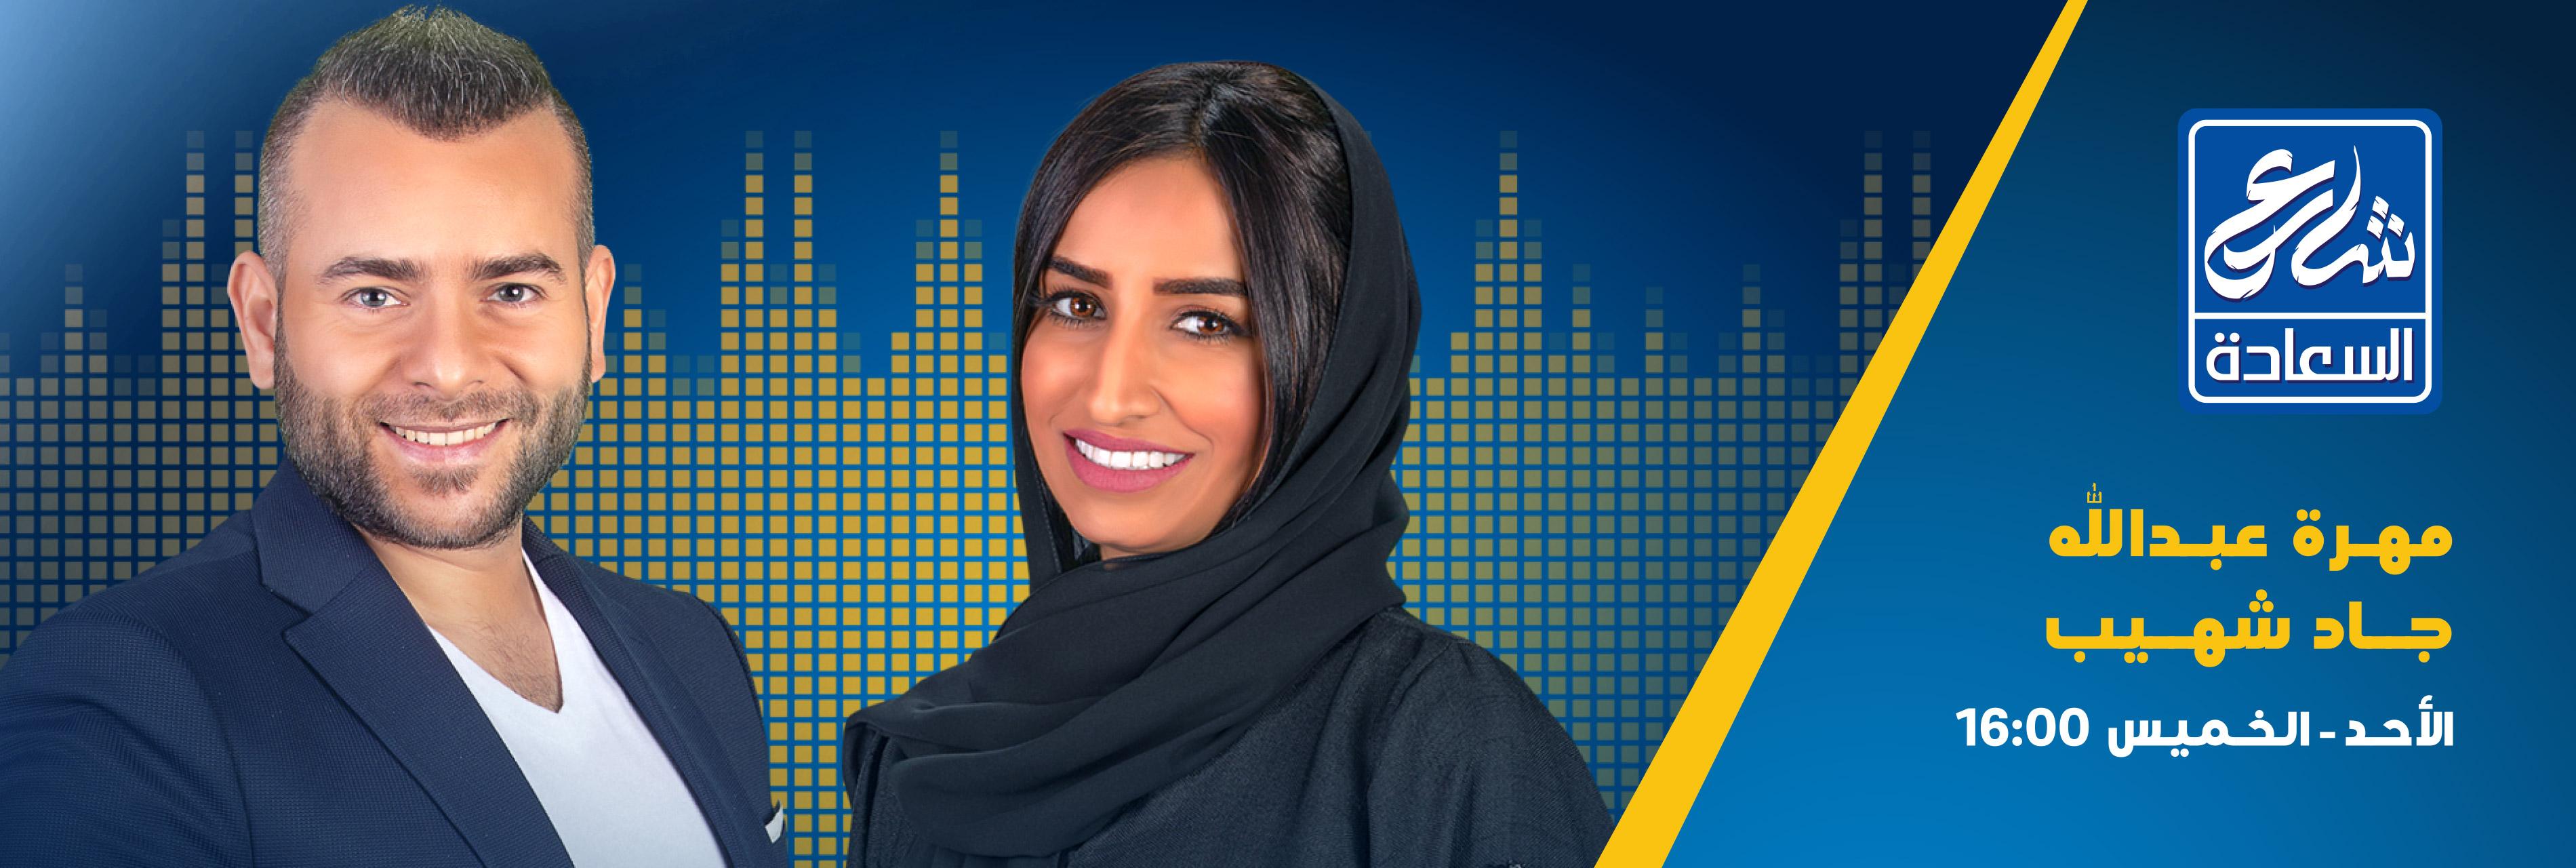 إذاعة دبي